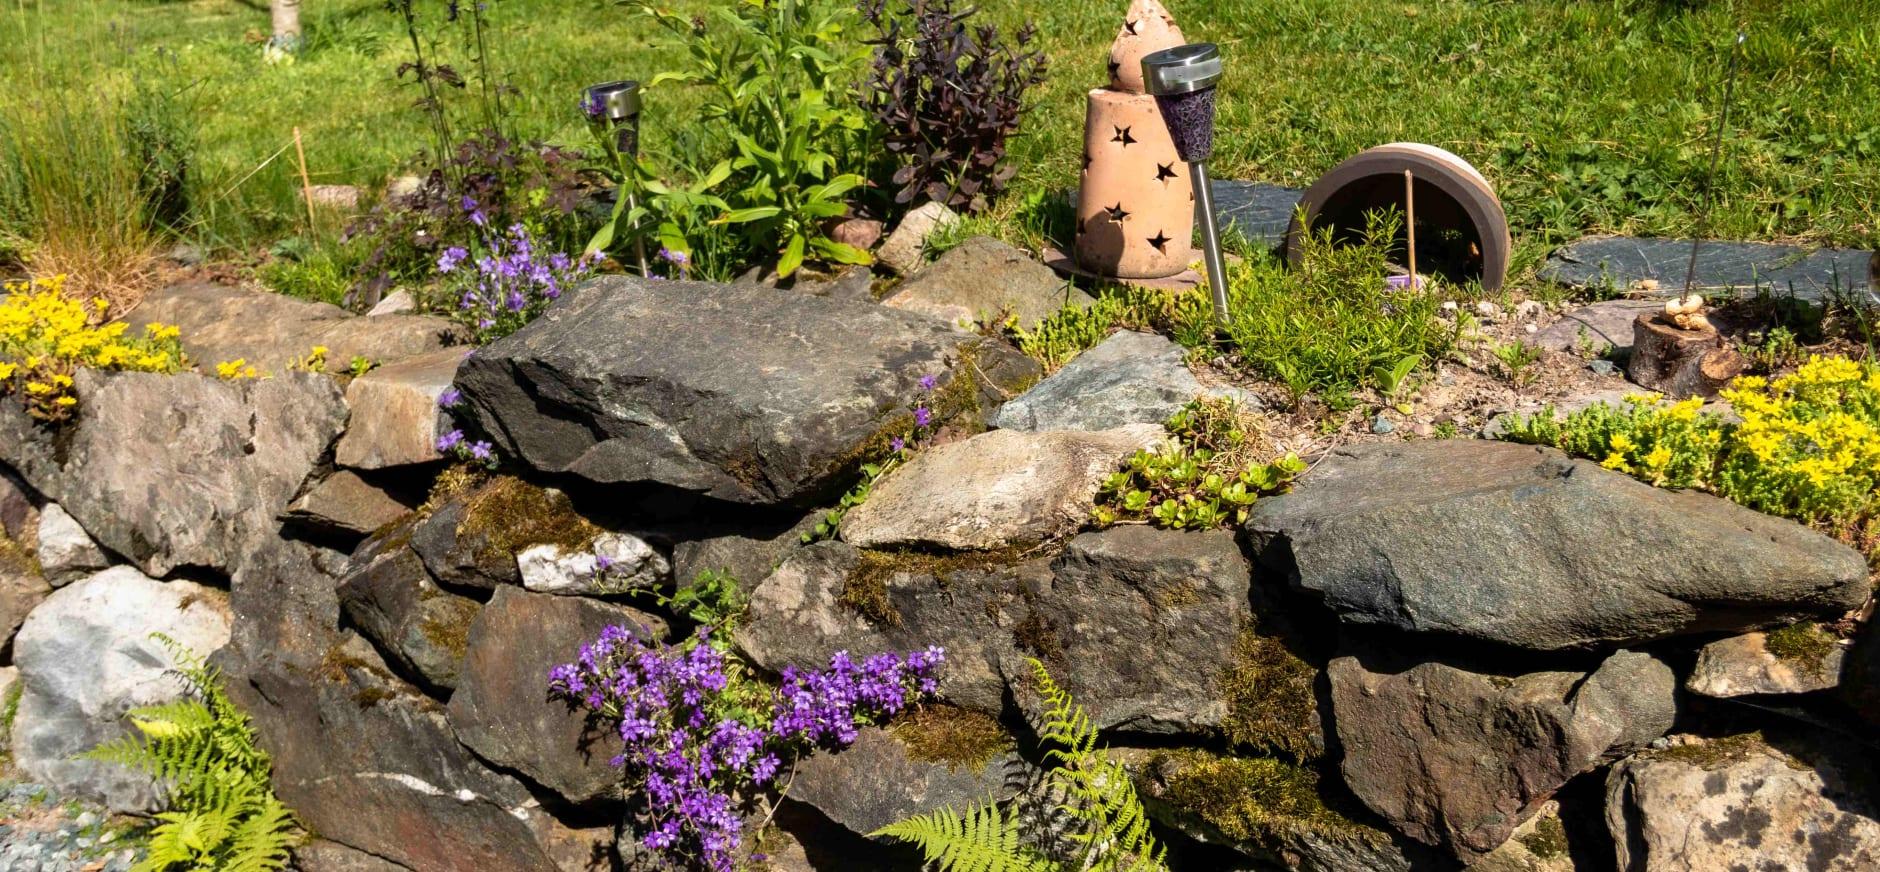 Meer variatie in je tuin met muurtjes en minder tegels